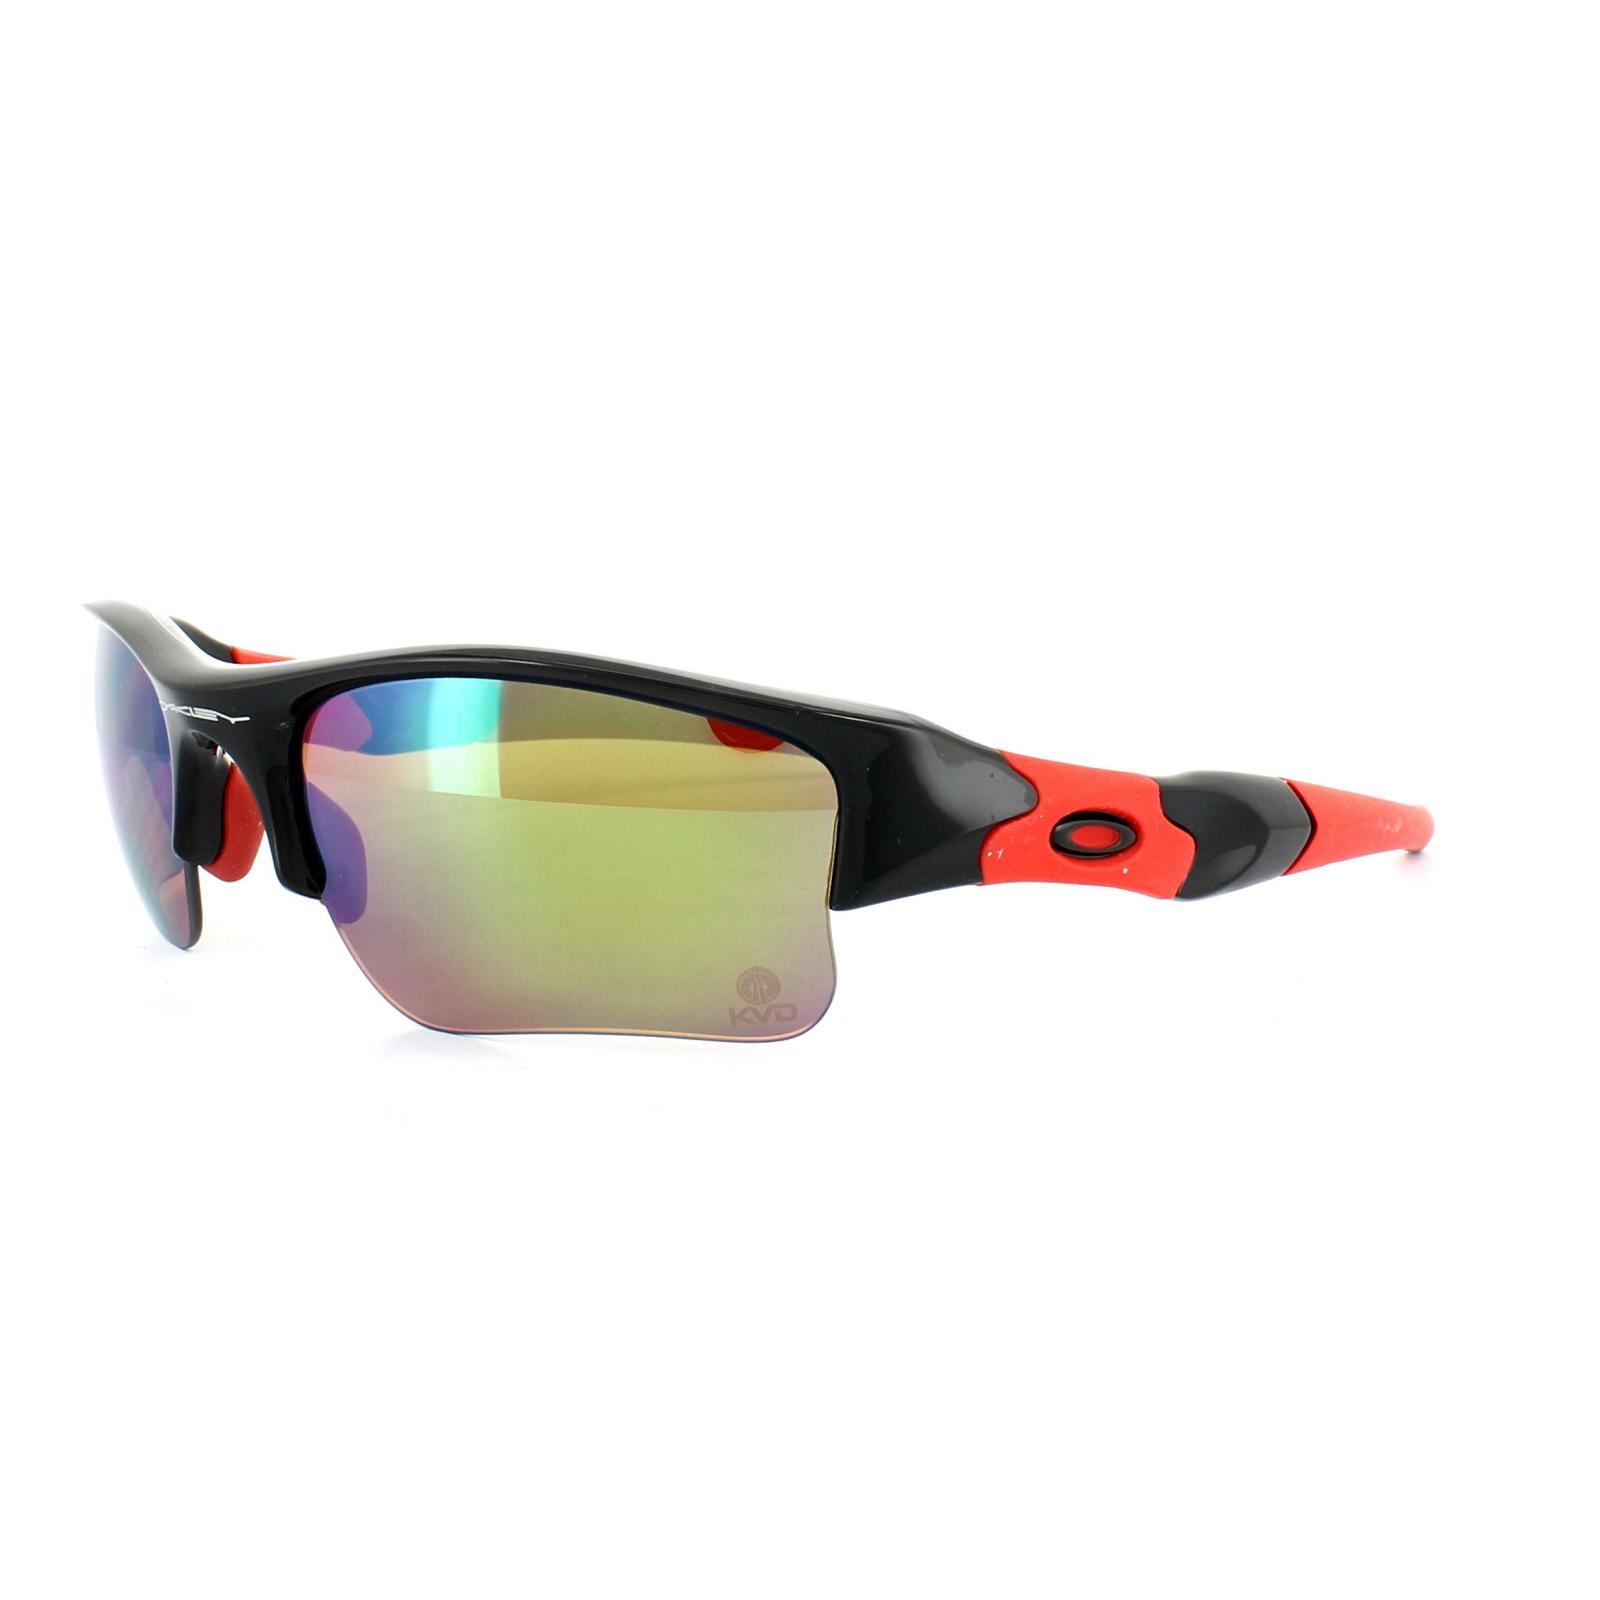 1e32b82e85 Mens Oakley Sunglasses Small Face « Heritage Malta